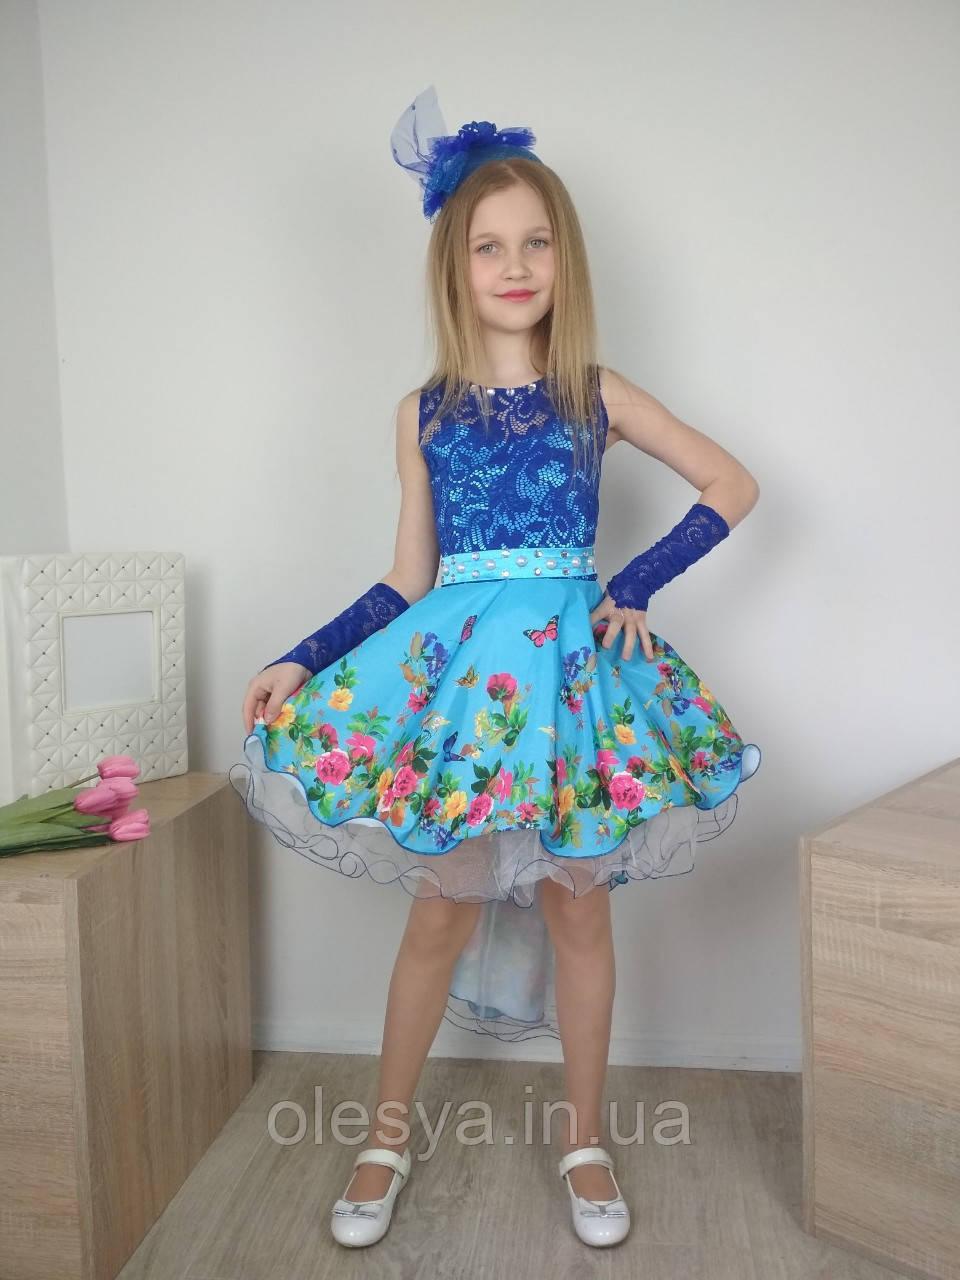 Платье праздничное со шлейфом  для девочки Размеры от 4 до 10 лет